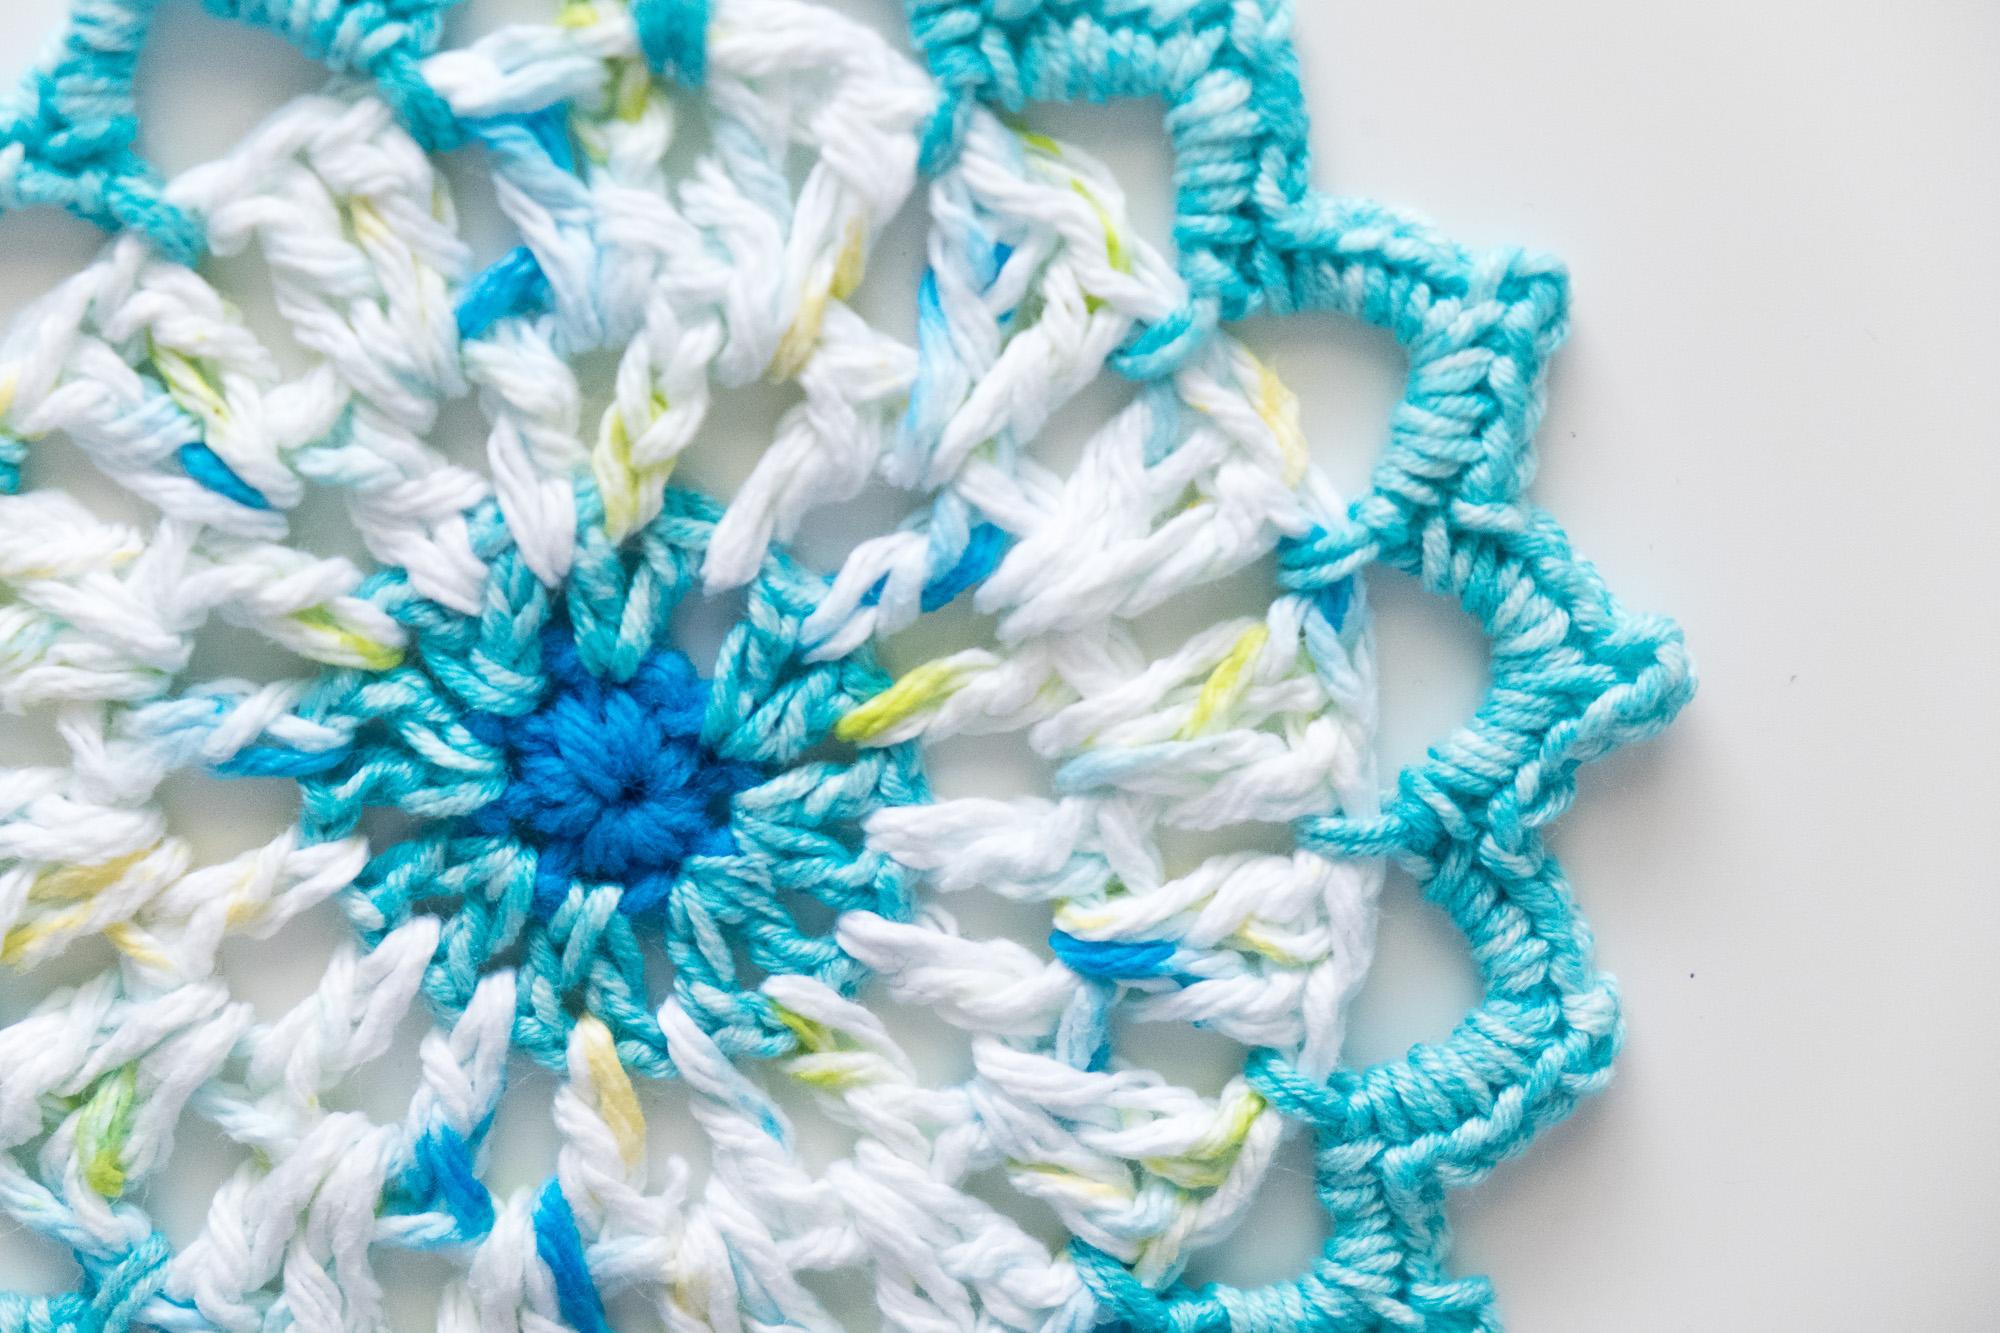 Mandala de crochet en tonos azul y blanco